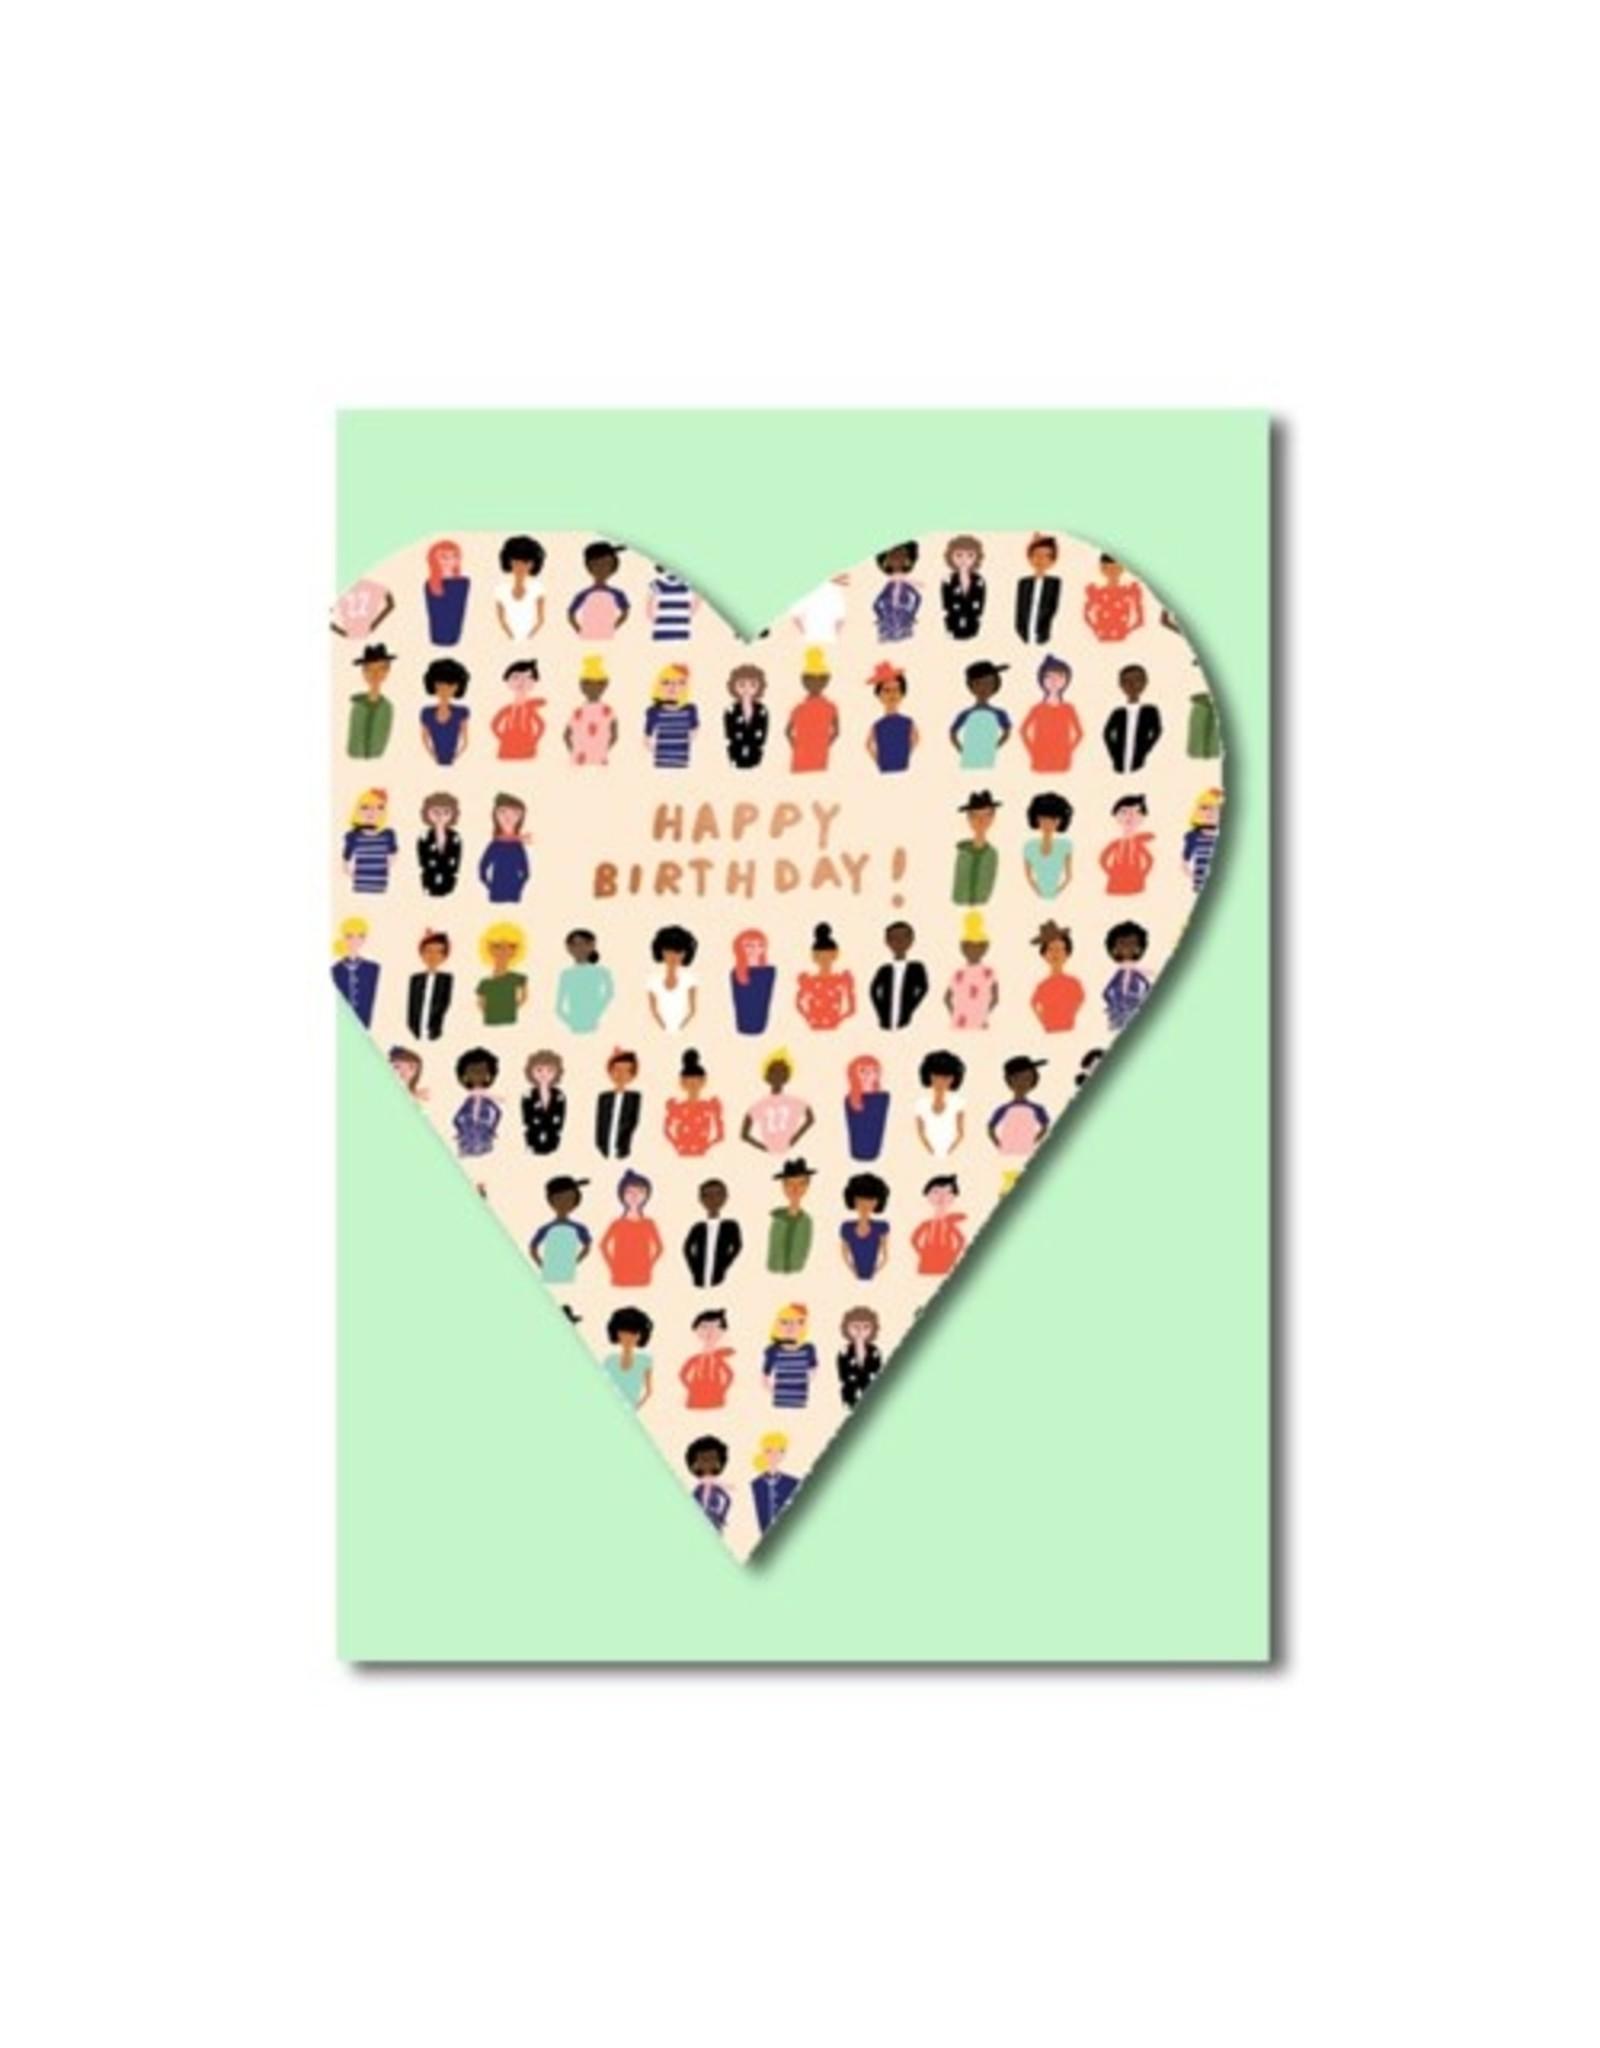 PPS - Heart Felt Birthday Card